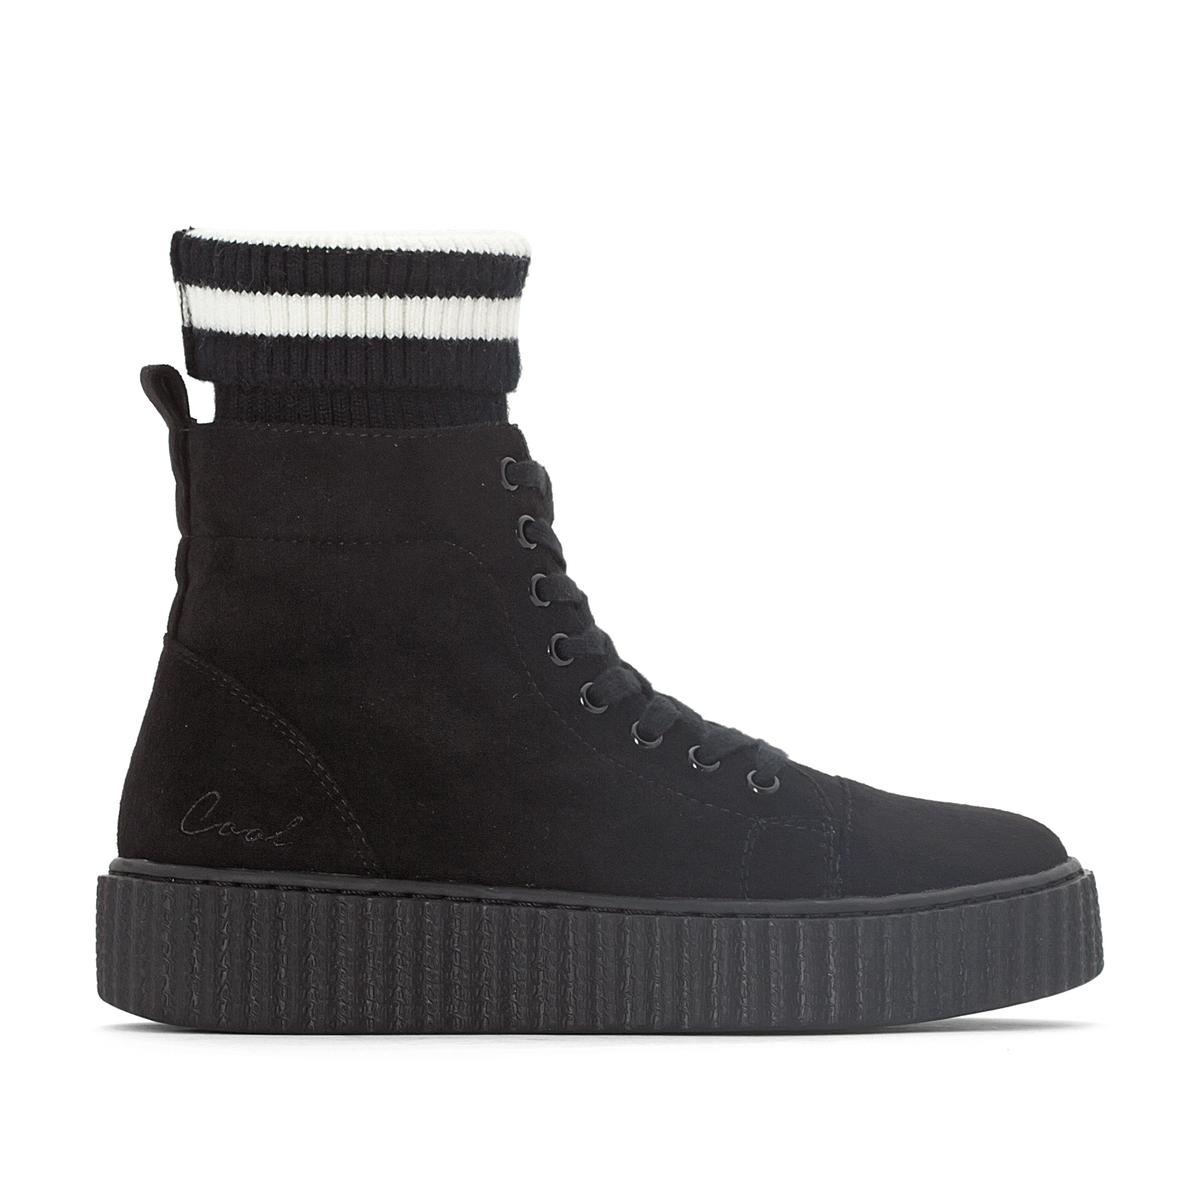 Кеды высокие YoguiОписание:Детали   •  Кеды высокие •  Спортивный стиль •  Плоский каблук •  Высота каблука : 3 см •  Застежка : шнуровка. •  Гладкая отделкаСостав и уход   •  Верх 100% синтетический материал •  Подкладка 100% синтетический материал •  Стелька 100% кожа •  Подошва 100% каучук<br><br>Цвет: черный<br>Размер: 41.38